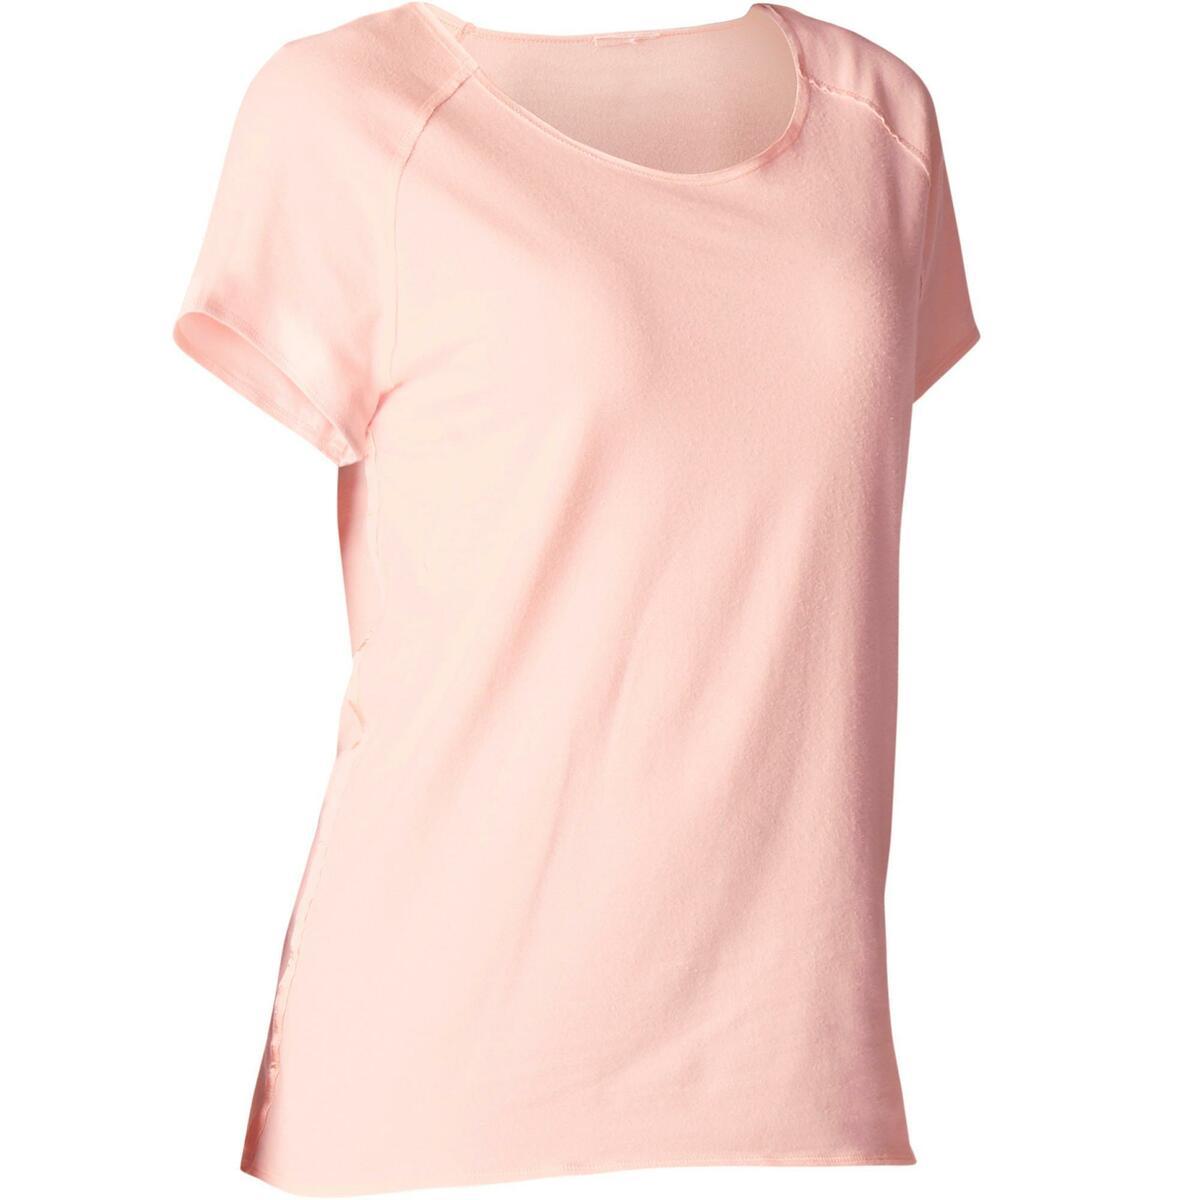 Bild 1 von T-Shirt sanftes Yoga aus Baumwolle aus biologischem Anbau Damen rosa